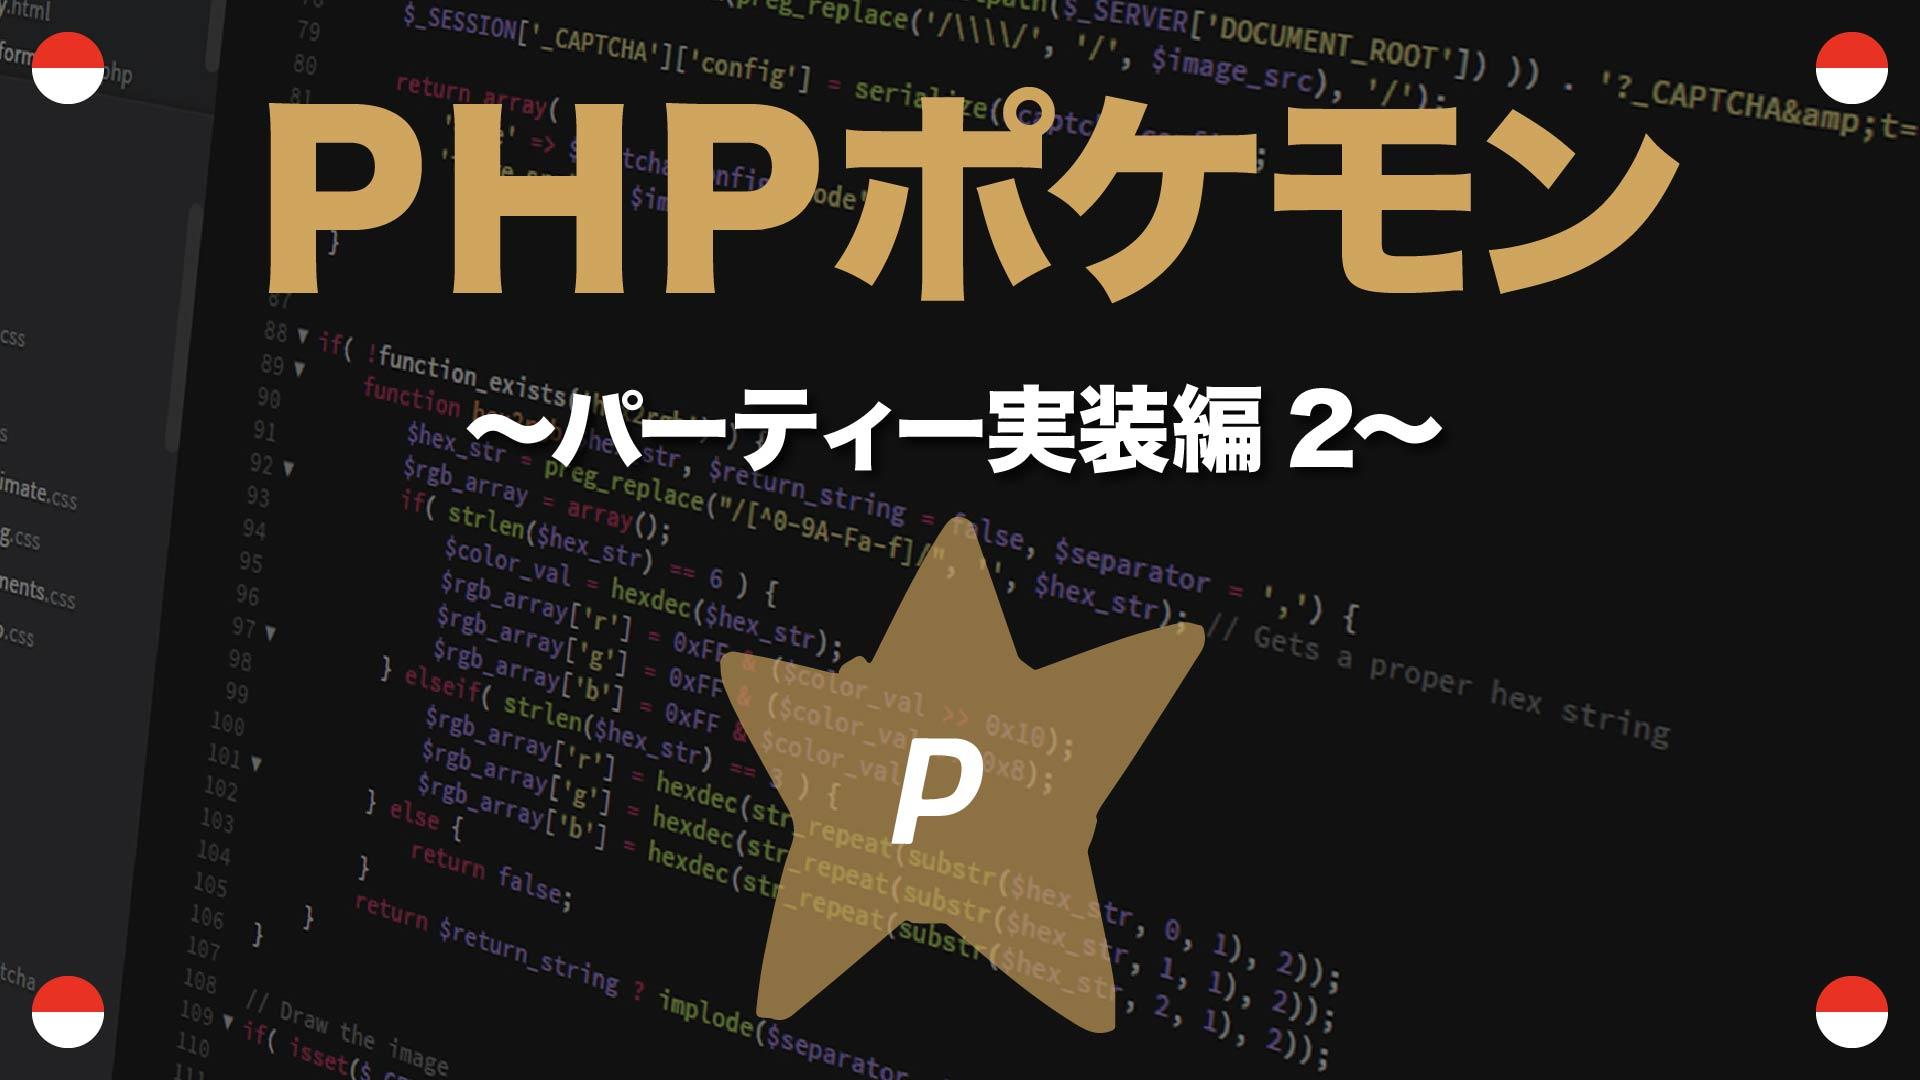 パーティー実装編 戦闘に参加するポケモン PHPポケモン64